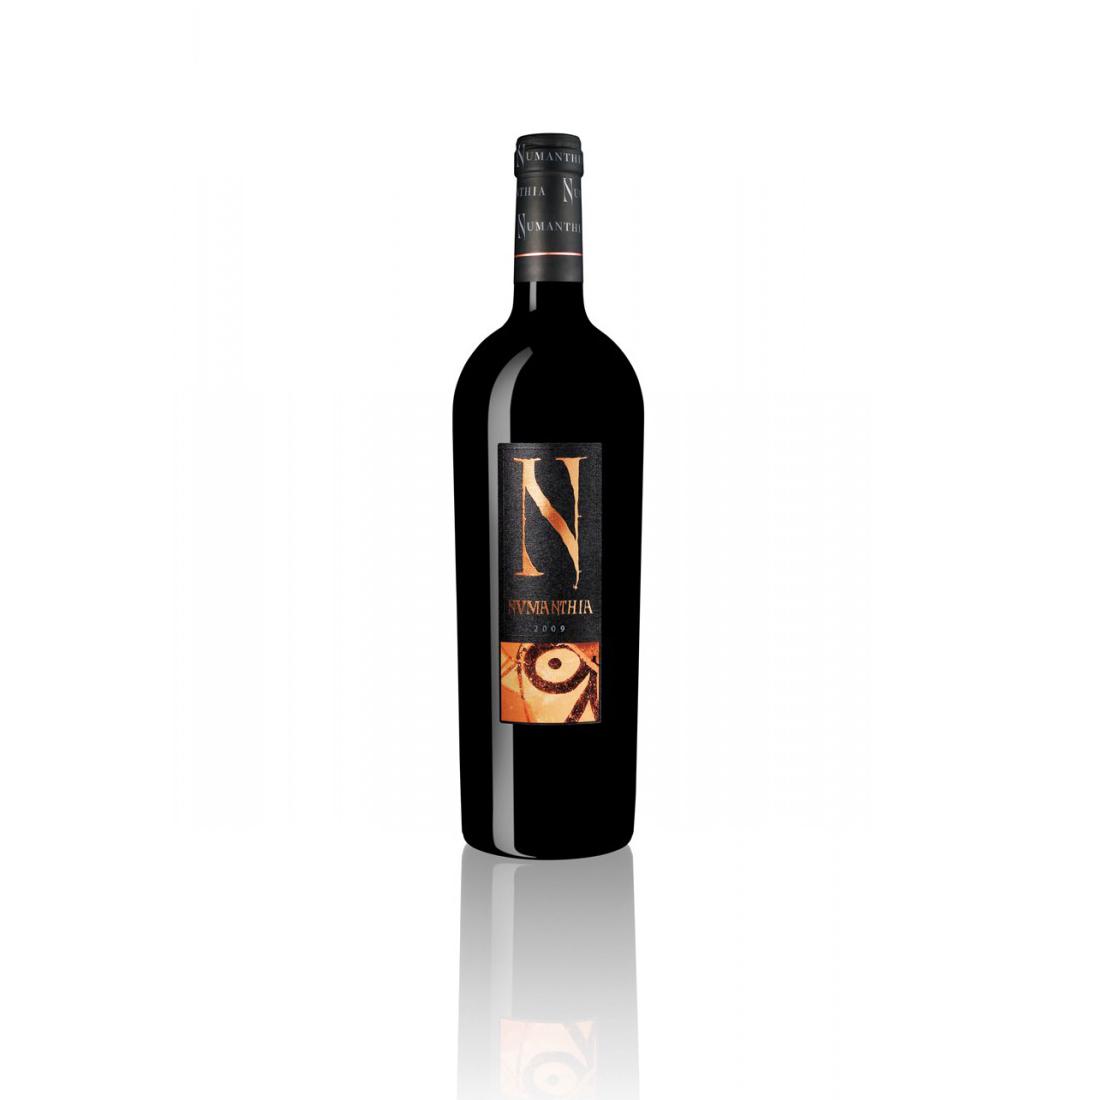 Wino Numanthia 2015